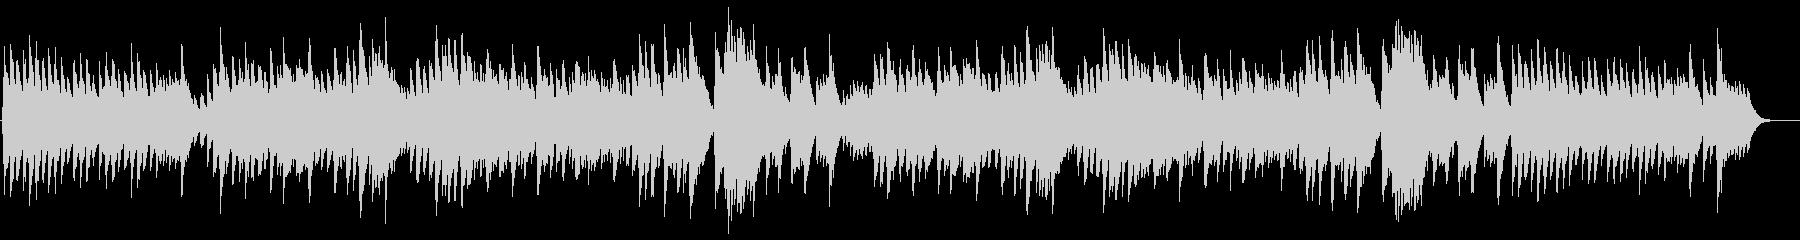 ひなまつり / 三宅延齢(Bパターン)の未再生の波形